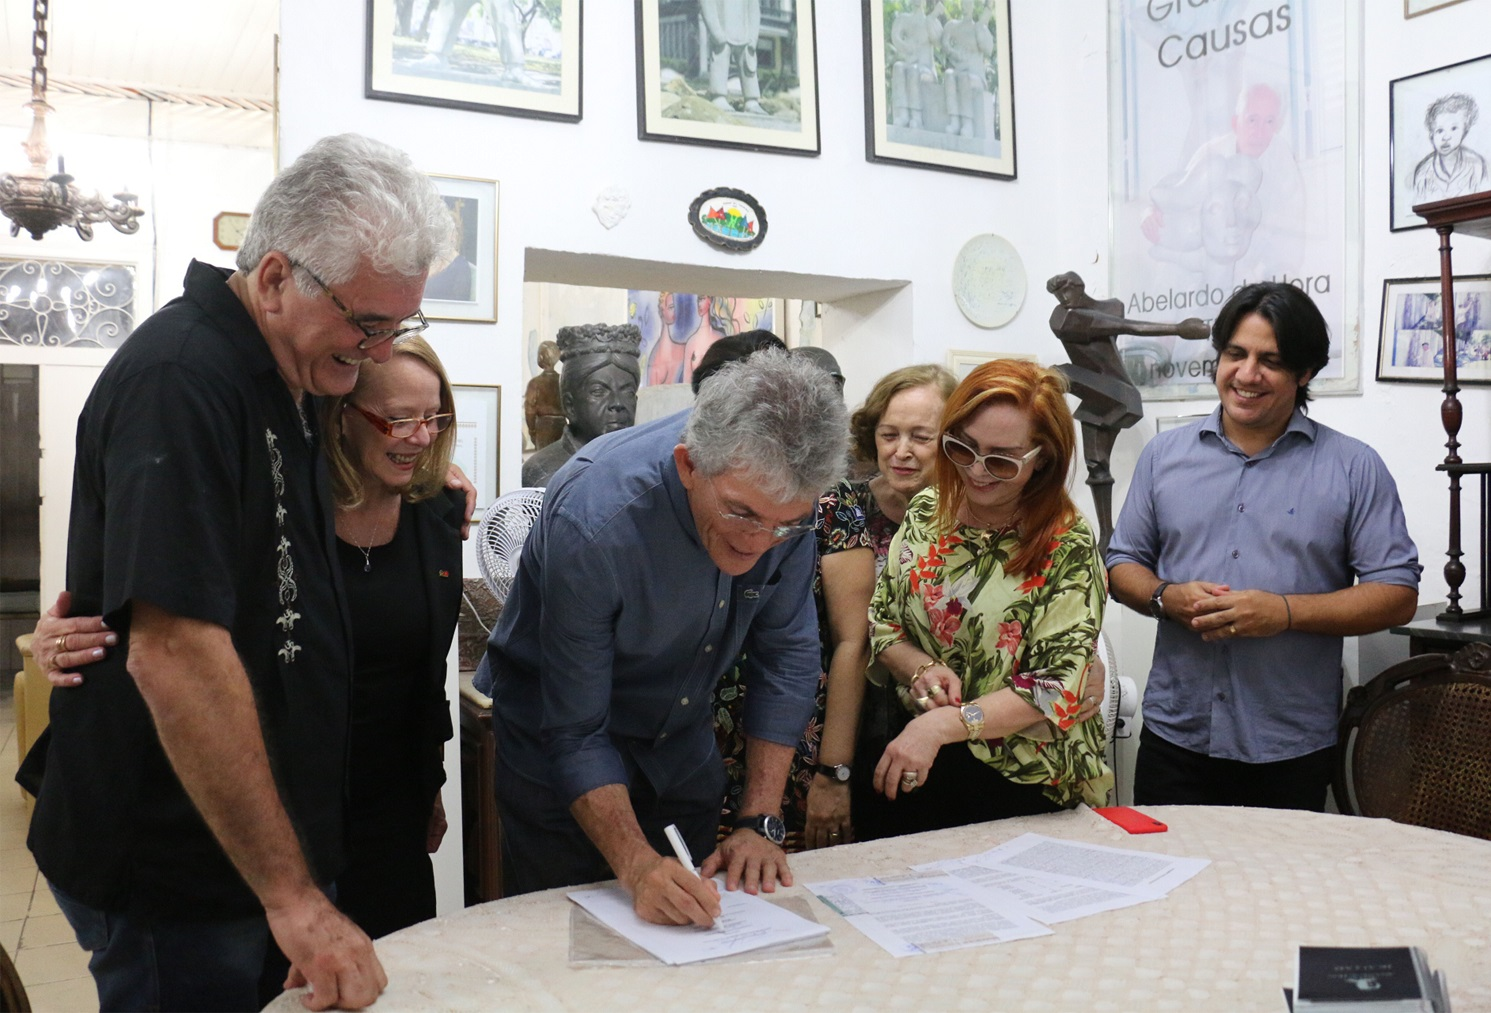 Ricardo assina Termo de Doação e obras do escultor Abelardo da Hora ficam na PB